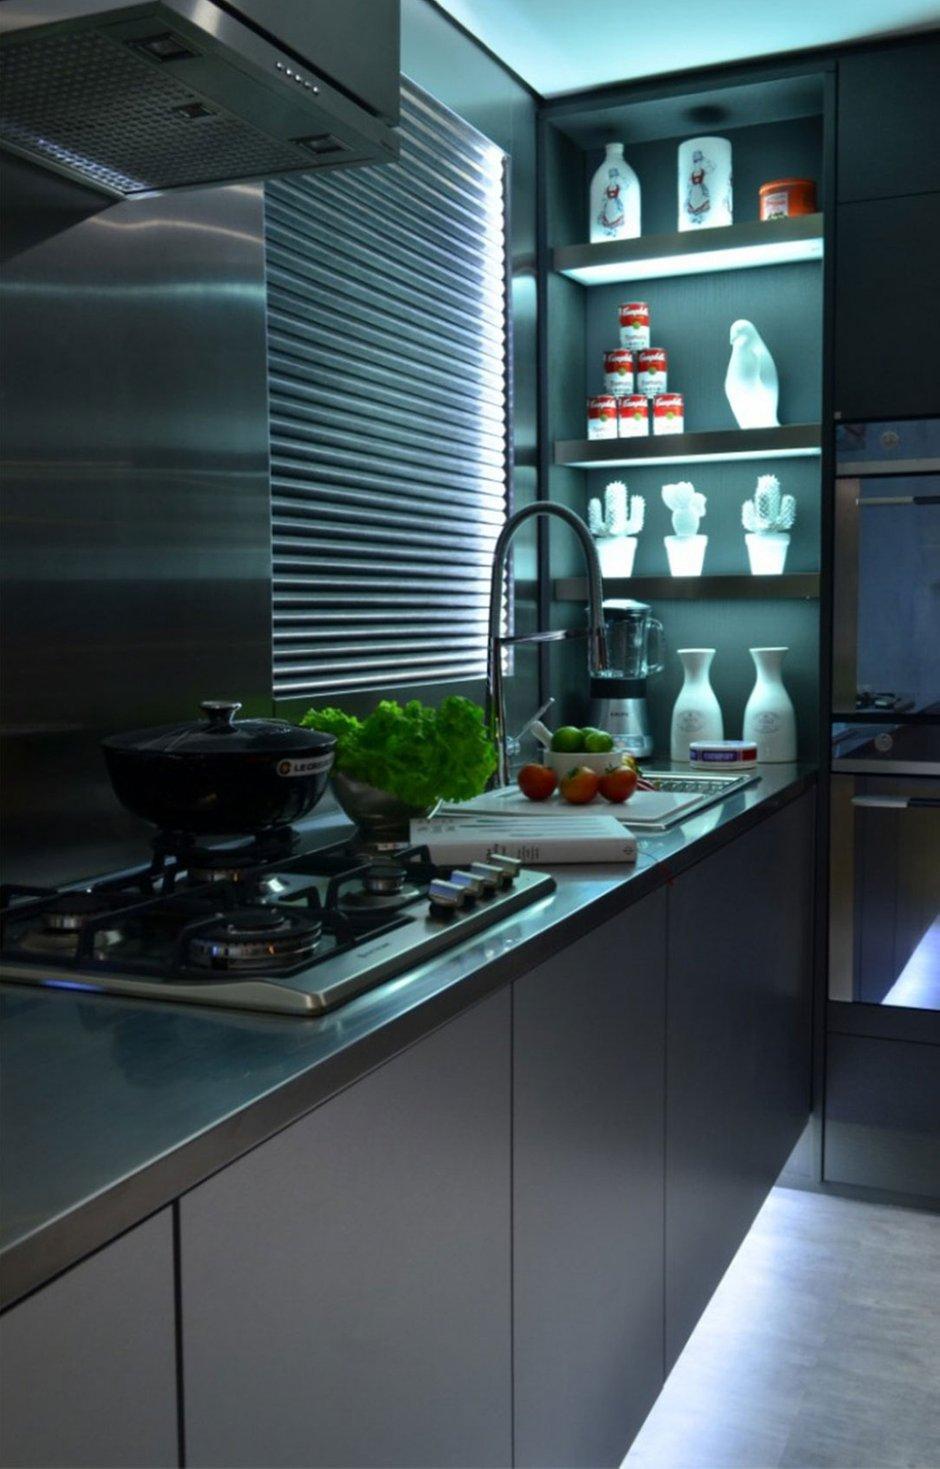 Фотография: Кухня и столовая в стиле Лофт, Хай-тек, Интерьер комнат, Проект недели, Граффити – фото на InMyRoom.ru